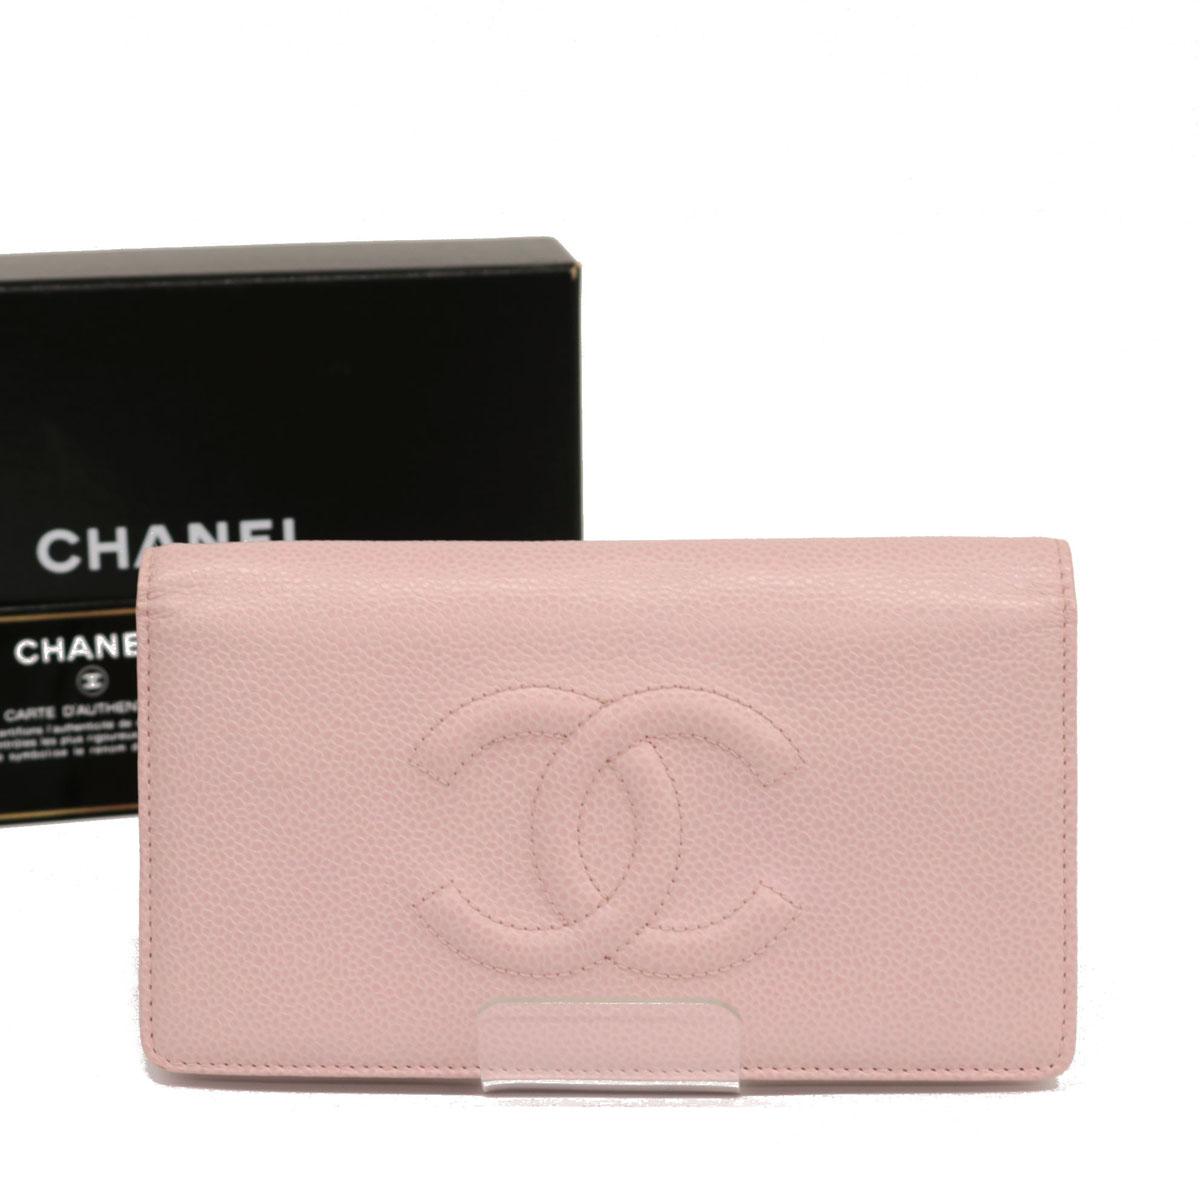 ◆CHANEL シャネル ビッグ ココマーク キャビアスキン 二つ折り長財布◆ pink /ピンク/レディース/小物/レザー/Gカード・箱付き:リサイクル ティファナ